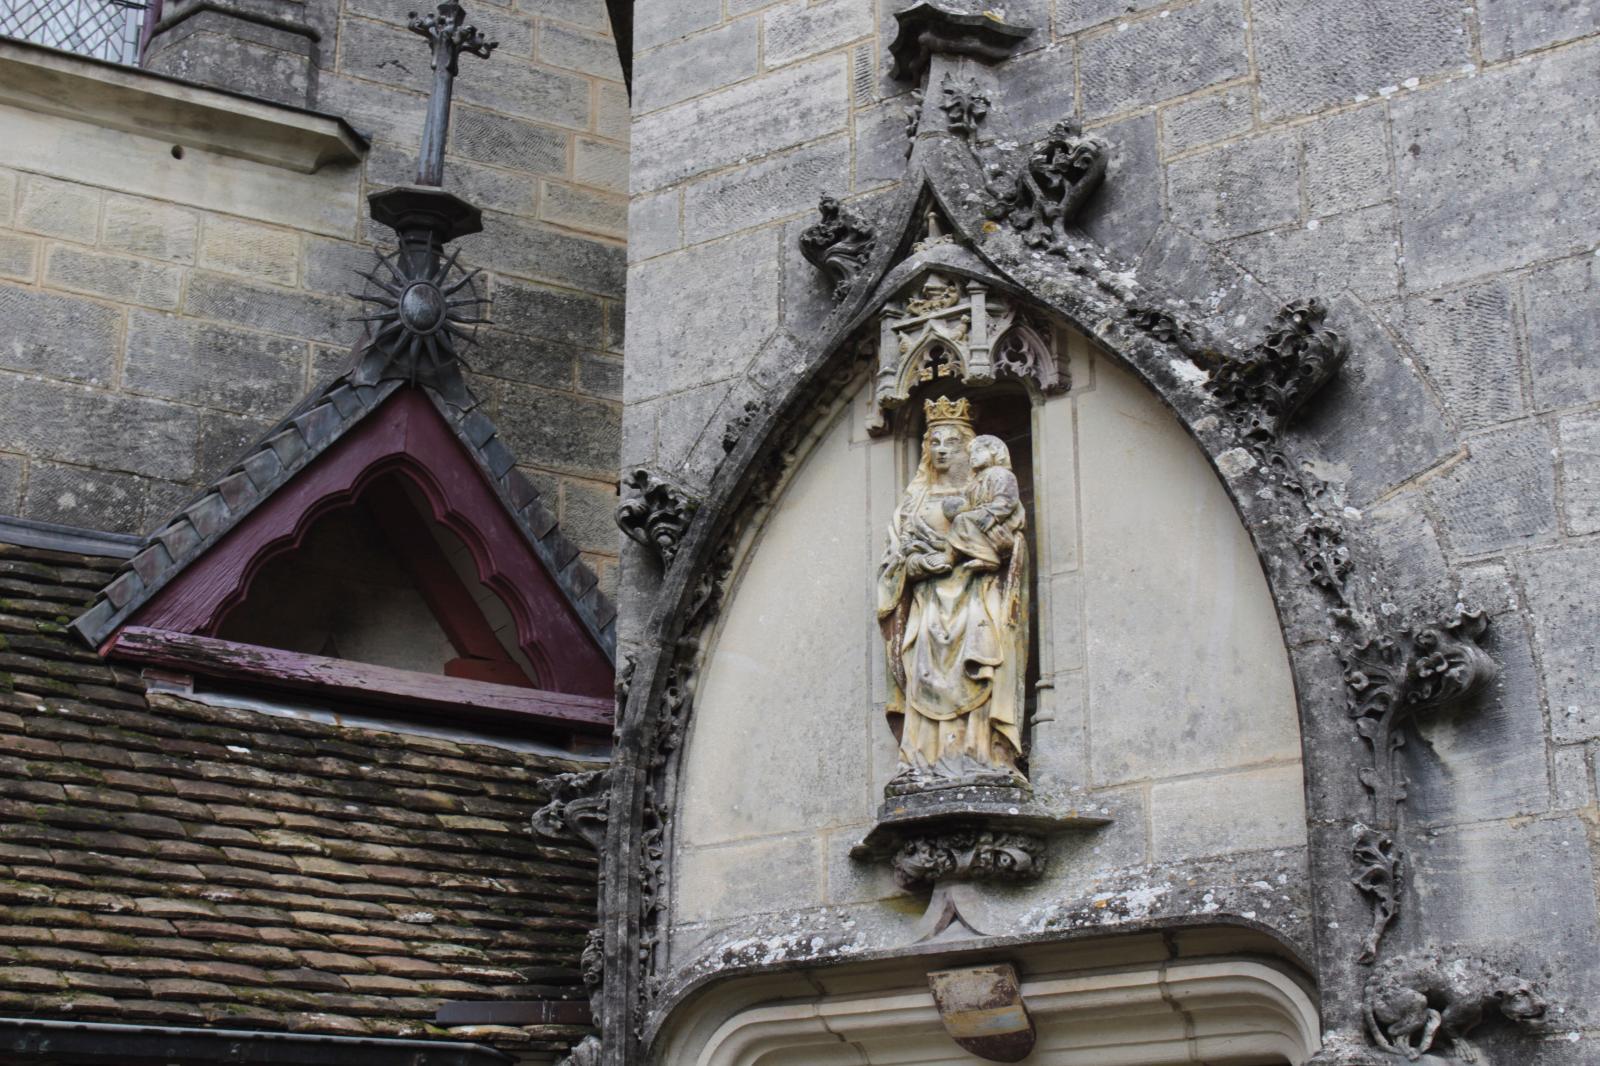 Détail du décor sculpté dans la cour. ©Manuel Desbois